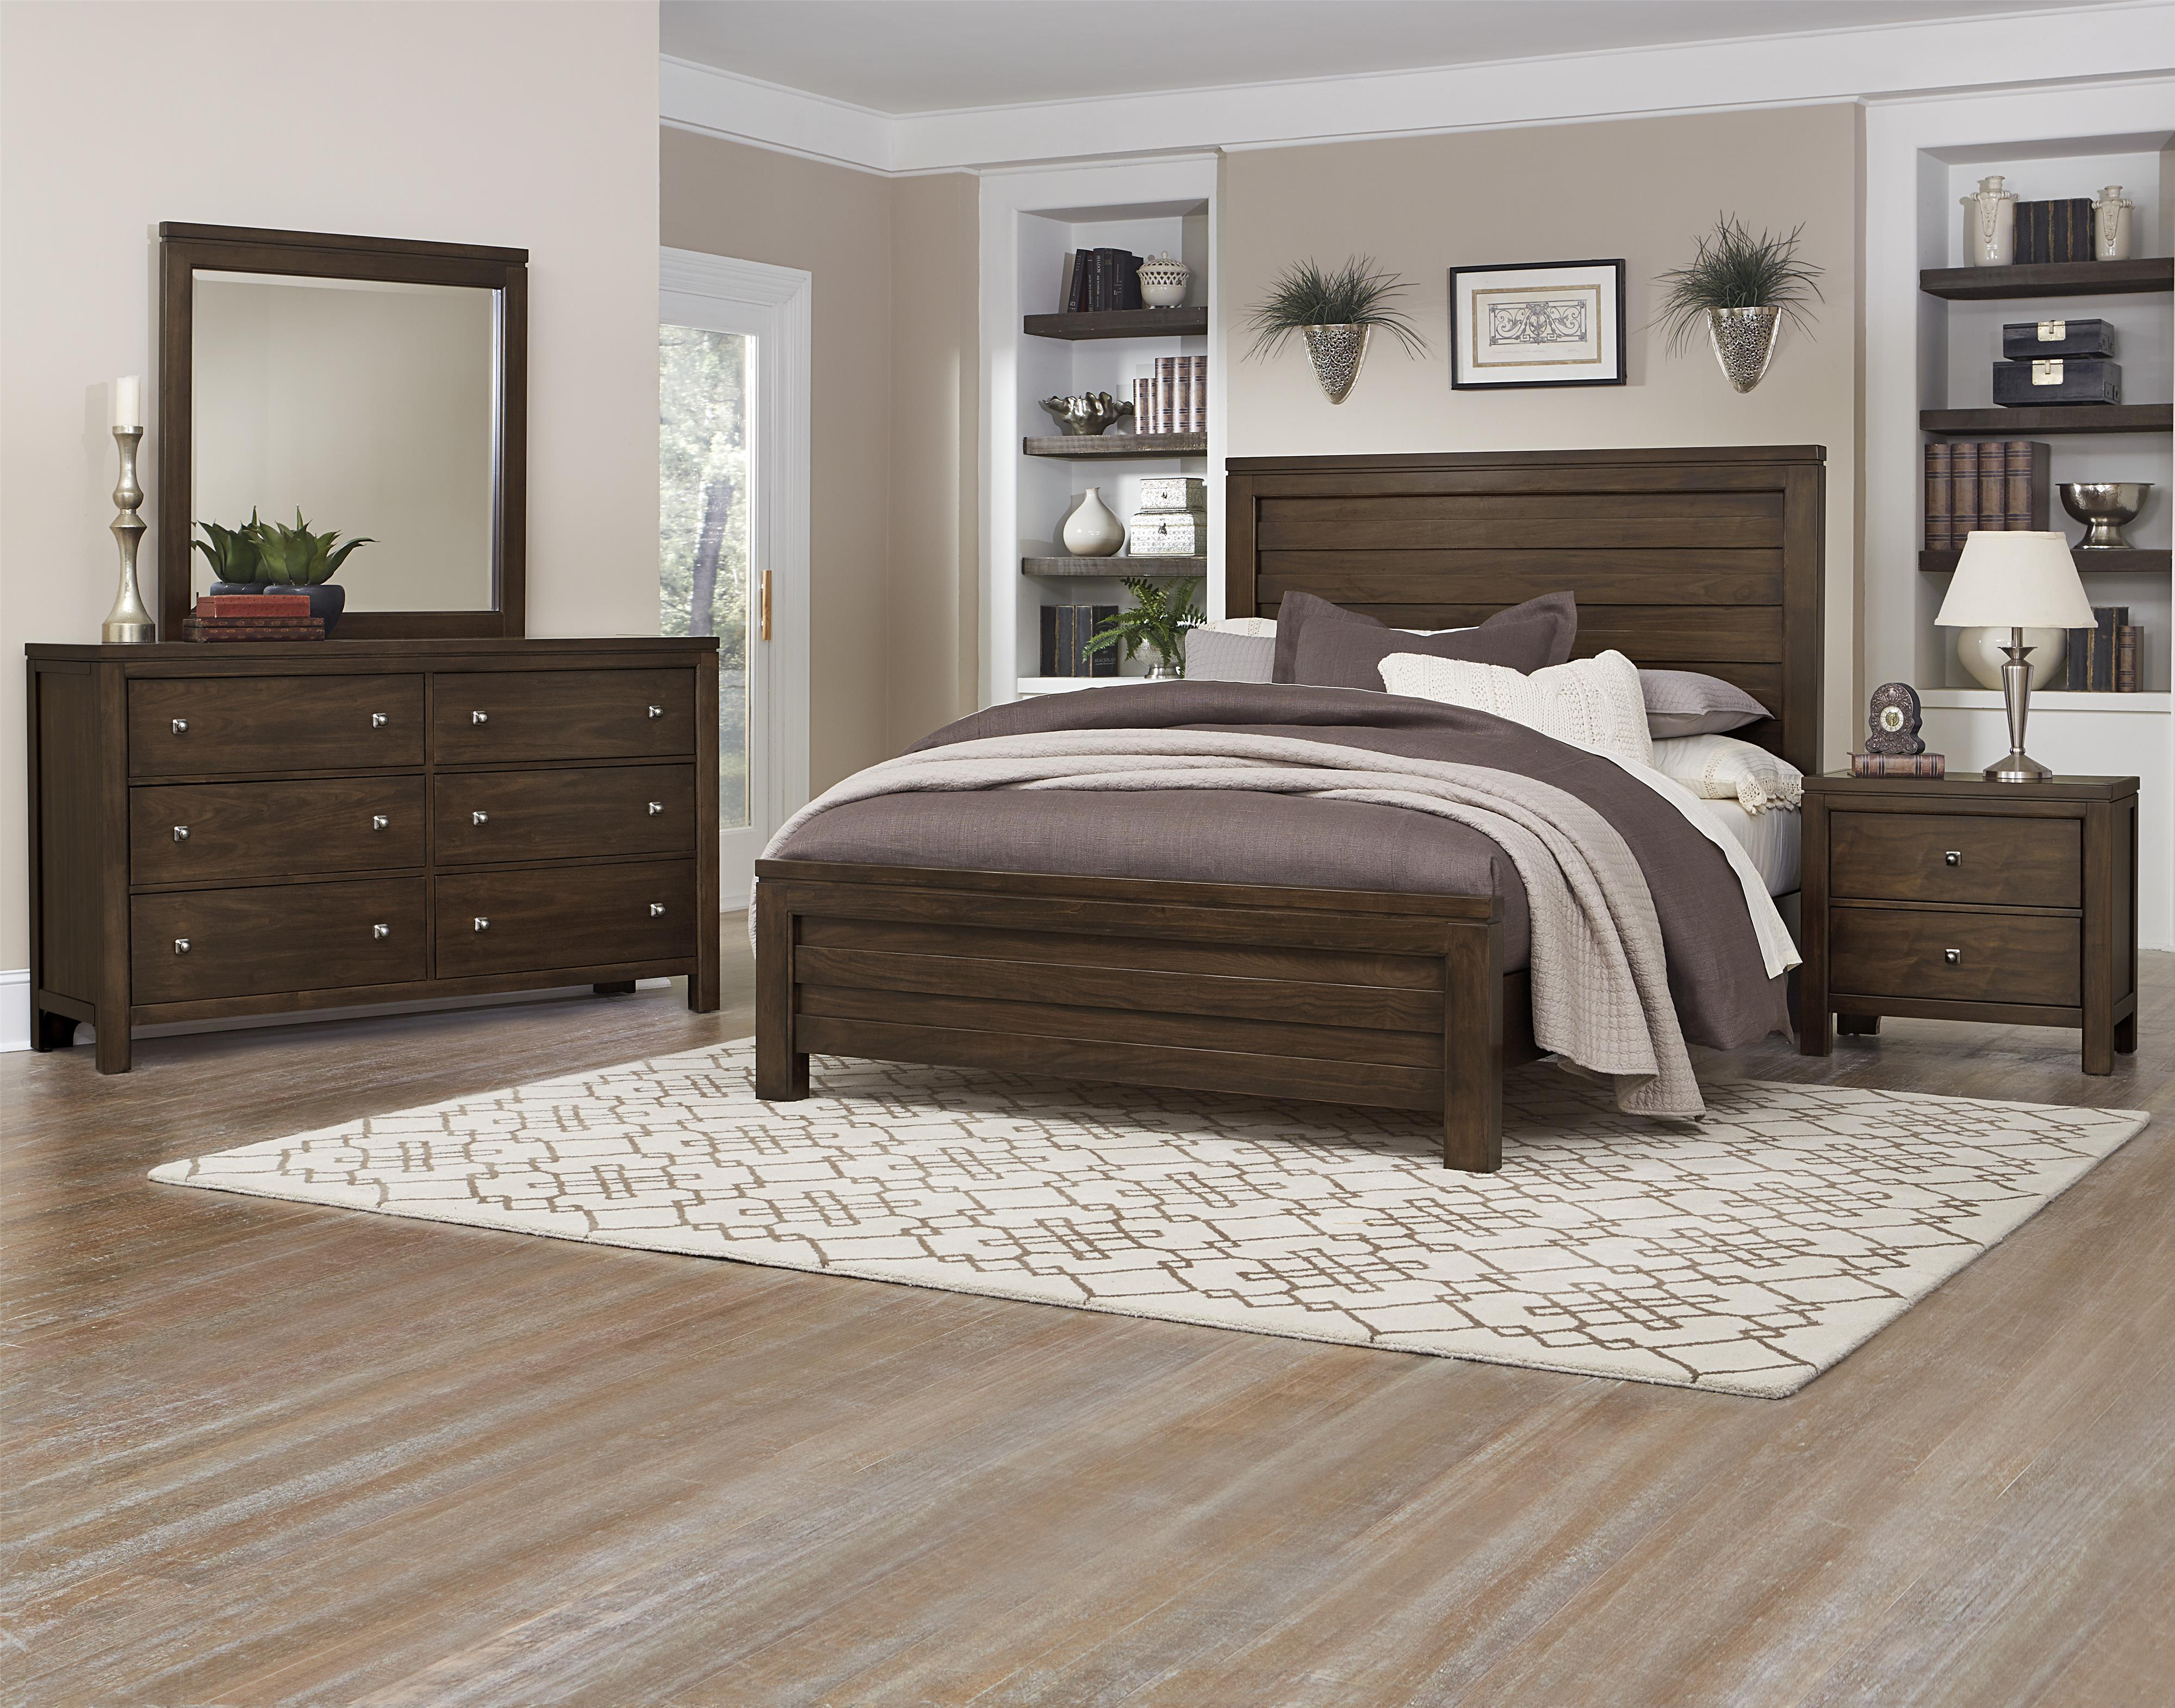 Vaughan Bassett Kismet Queen Bedroom Group - Item Number: 410 Q Bedroom Group 1